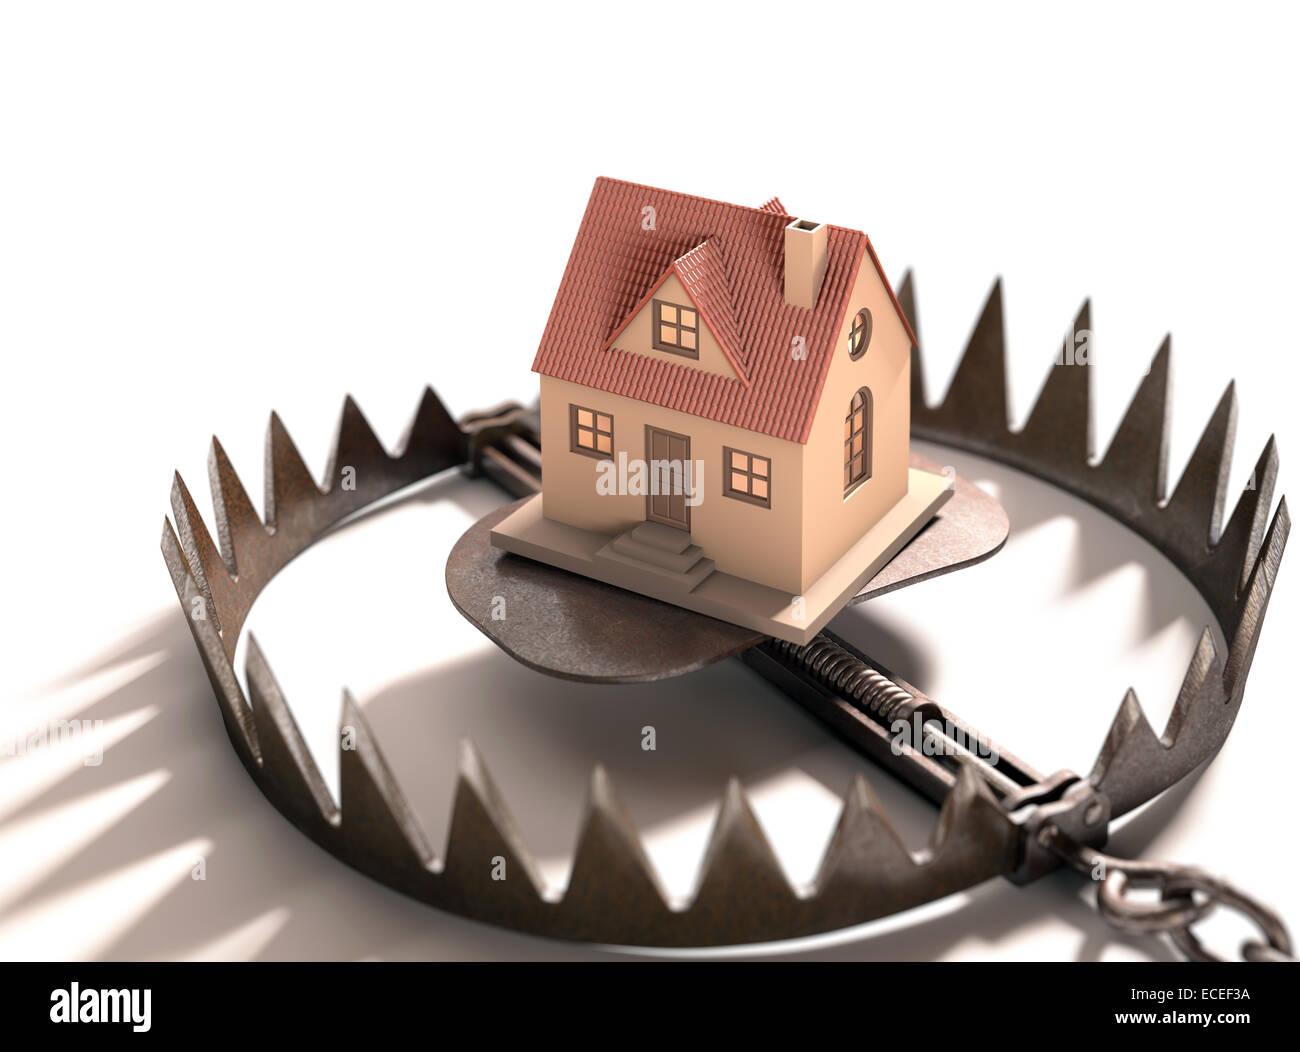 Der Bärenfang mit einem Haus im Inneren. Konzept der Hypothek, Pfandrecht und Immobilienfinanzierung. Stockbild